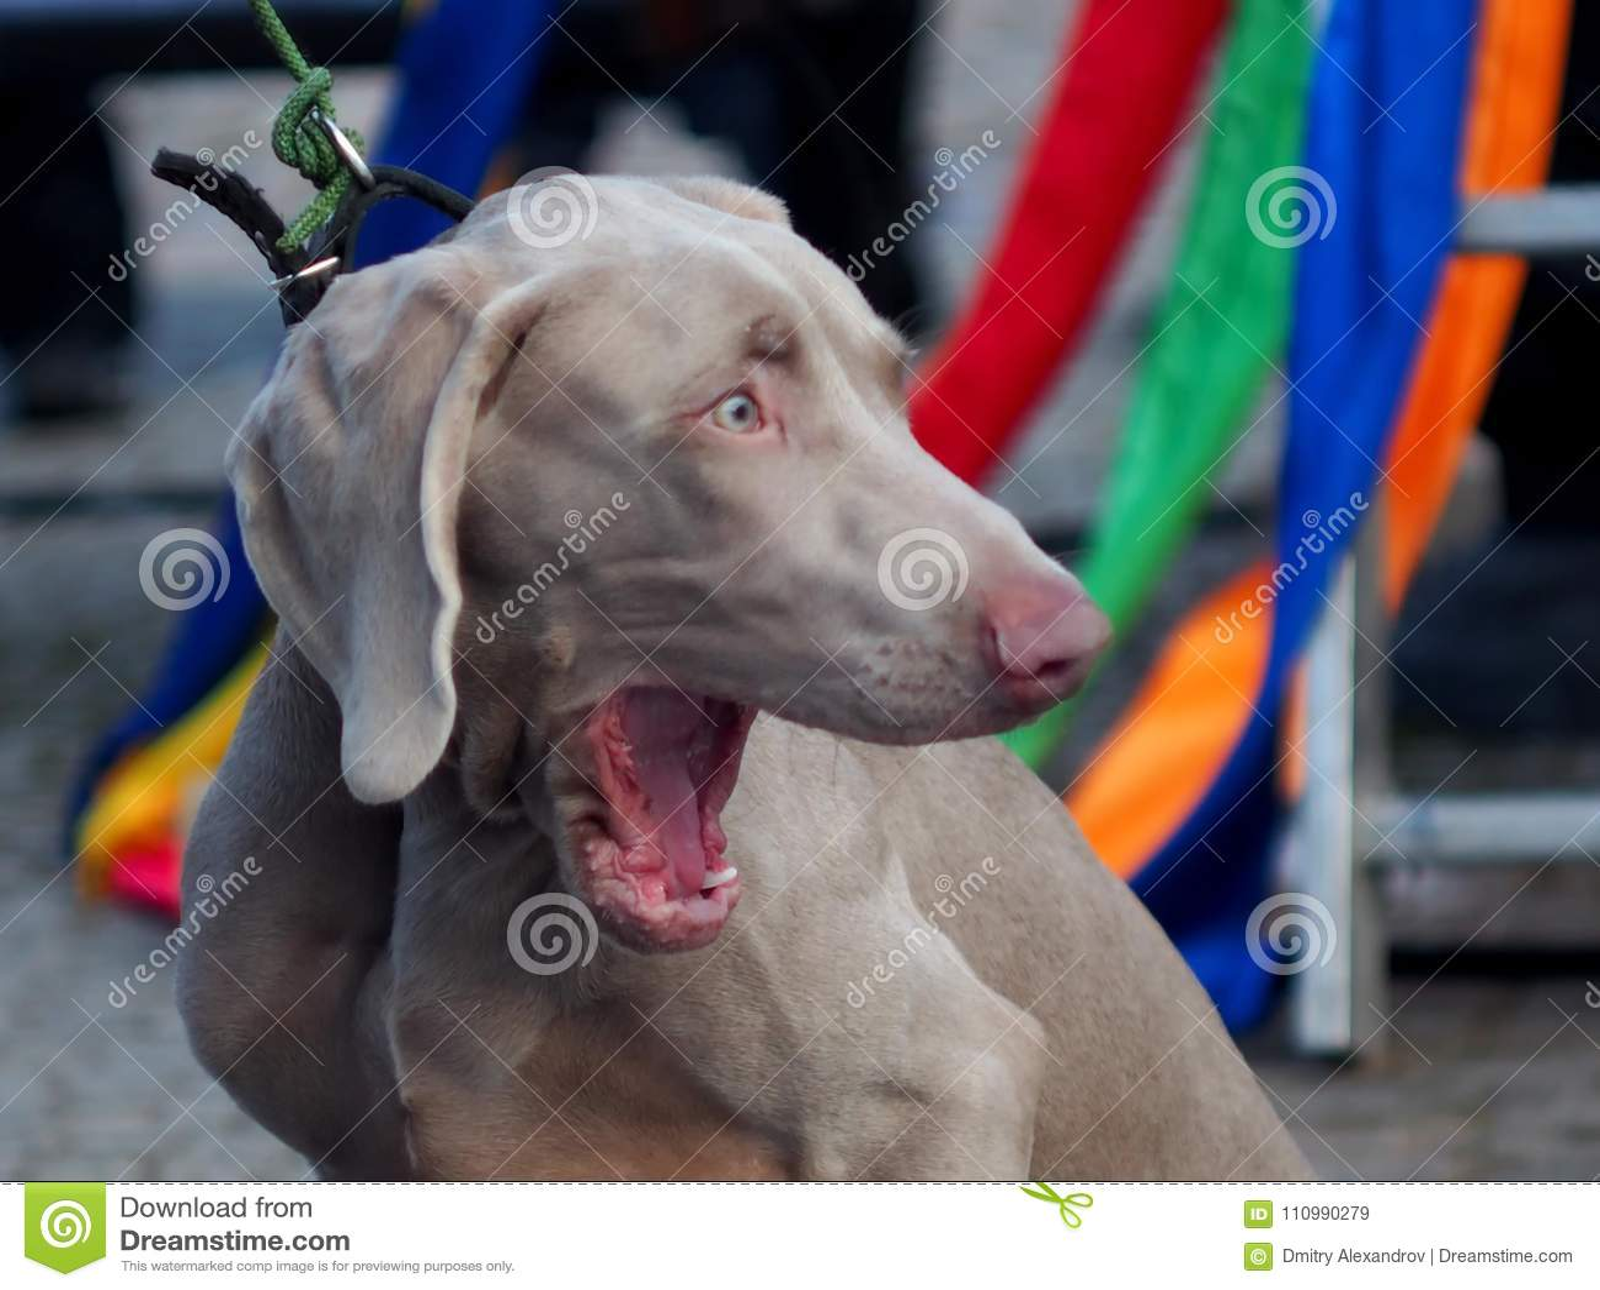 Dieser Hund ist sehr sehr oder anscheinend im Terror überrascht